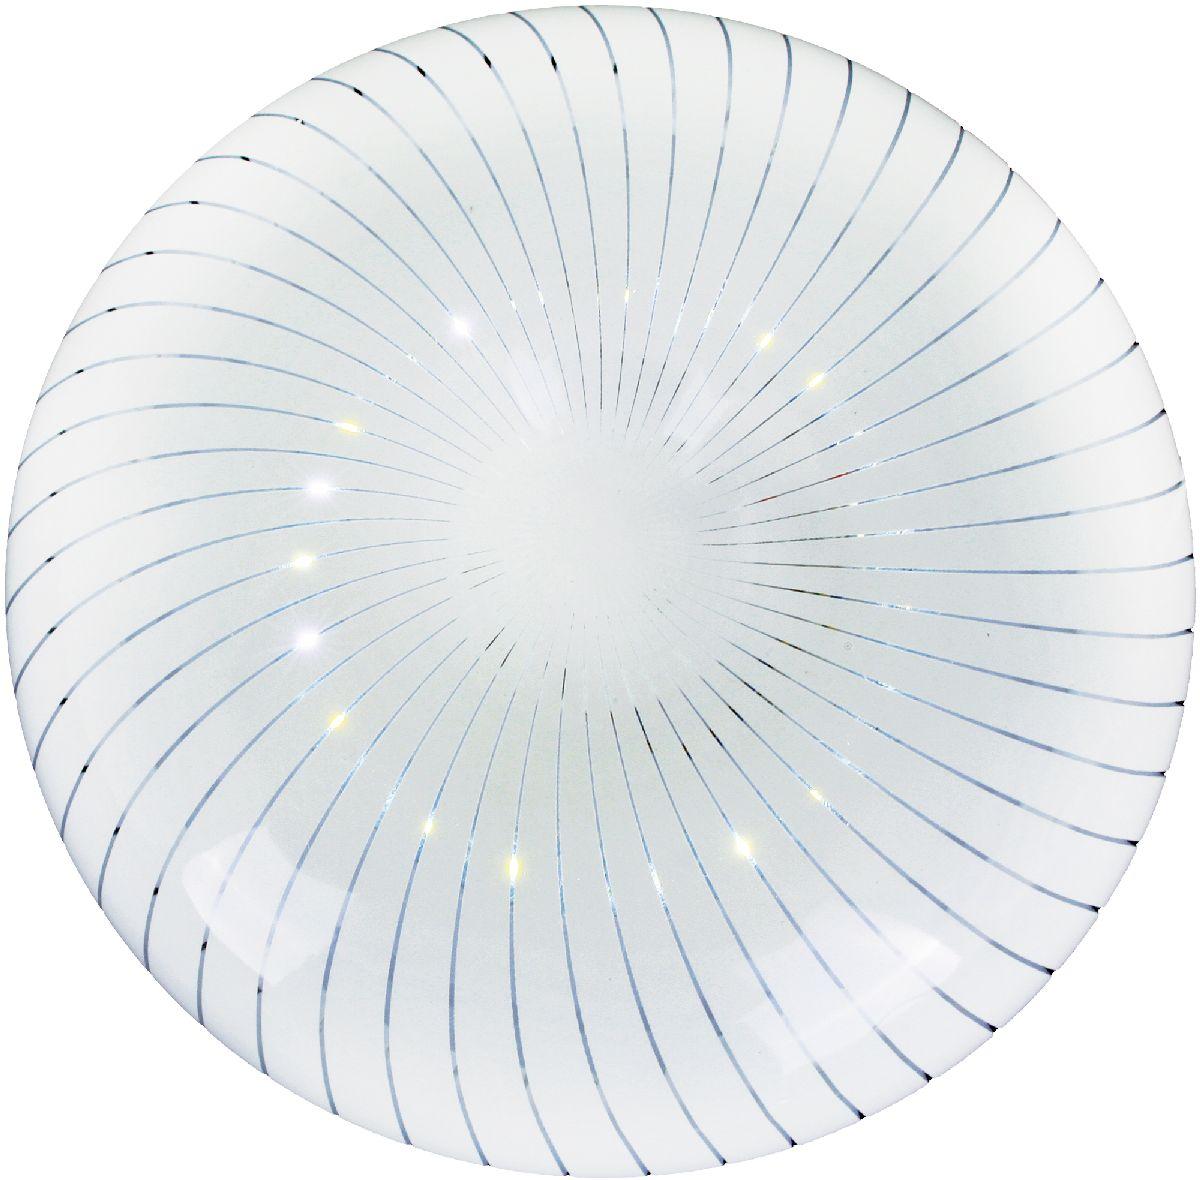 Светильник настенно-потолочный Camelion LBS-0701, LED, 12W, 4500K. 1268812688